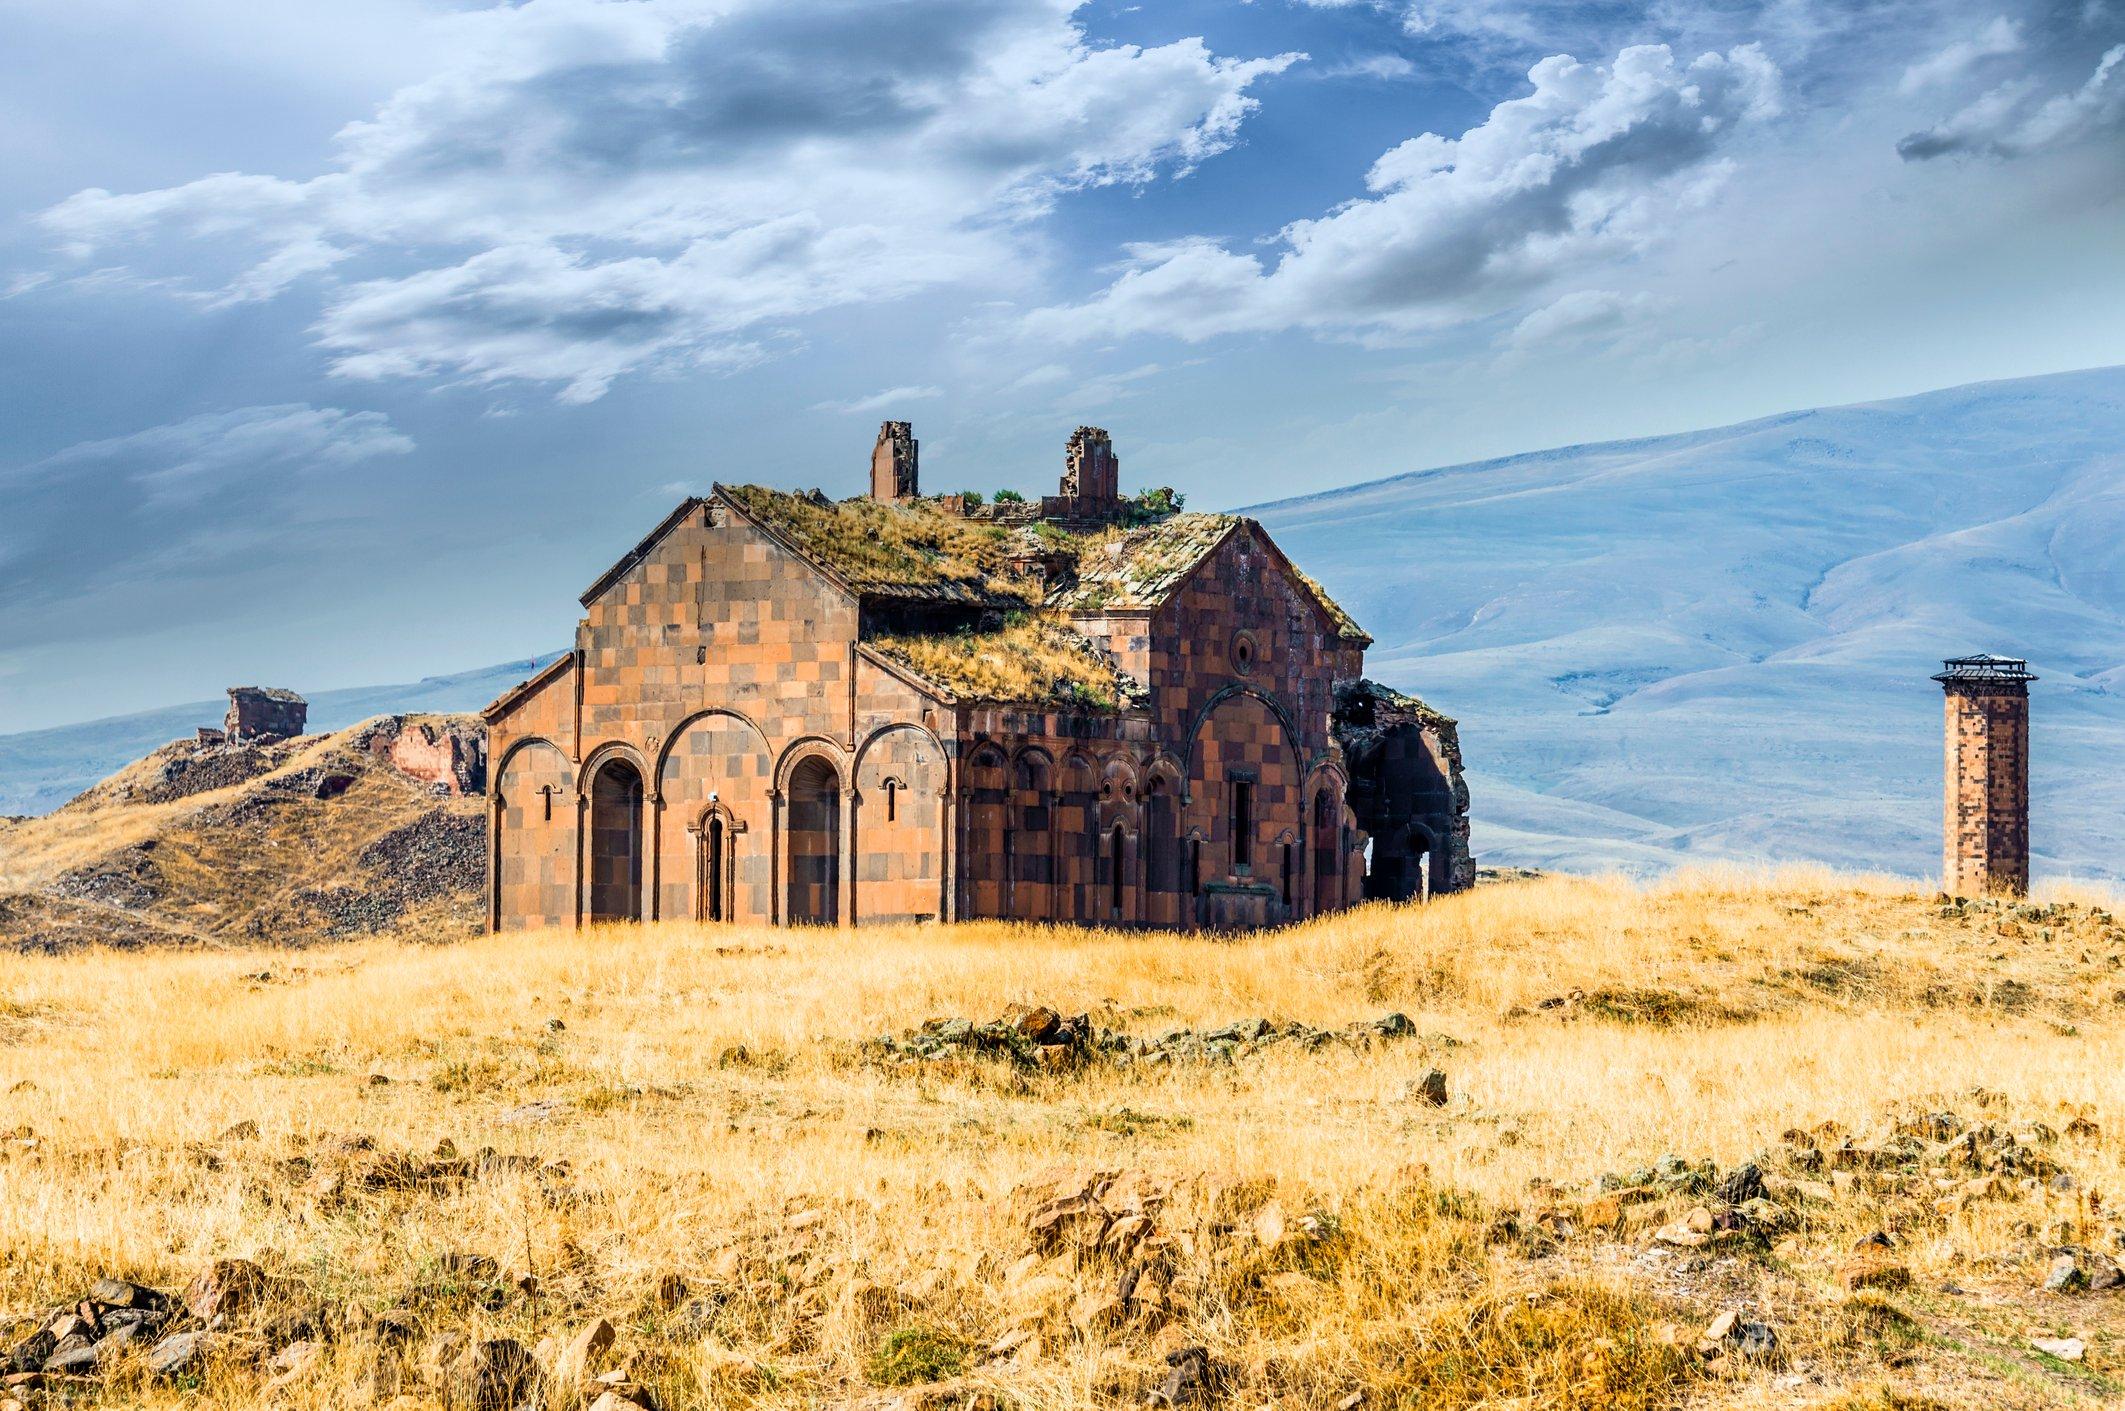 安尼在961年至1045年间是中世纪亚美尼亚王国的首都